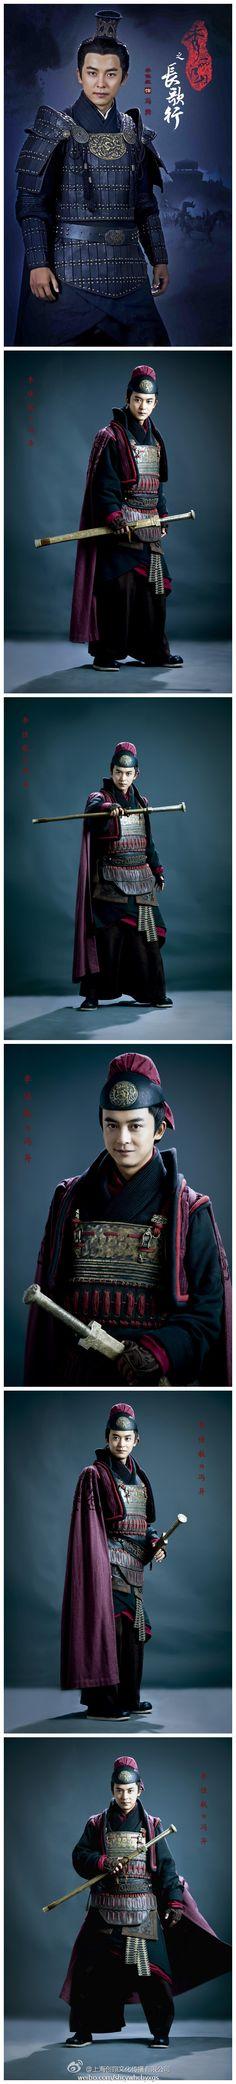 Chang Ge Xing 《秀麗江山之長歌行》 - Ruby Lin, Yuan Hong, Kenny Kwan - Page 2